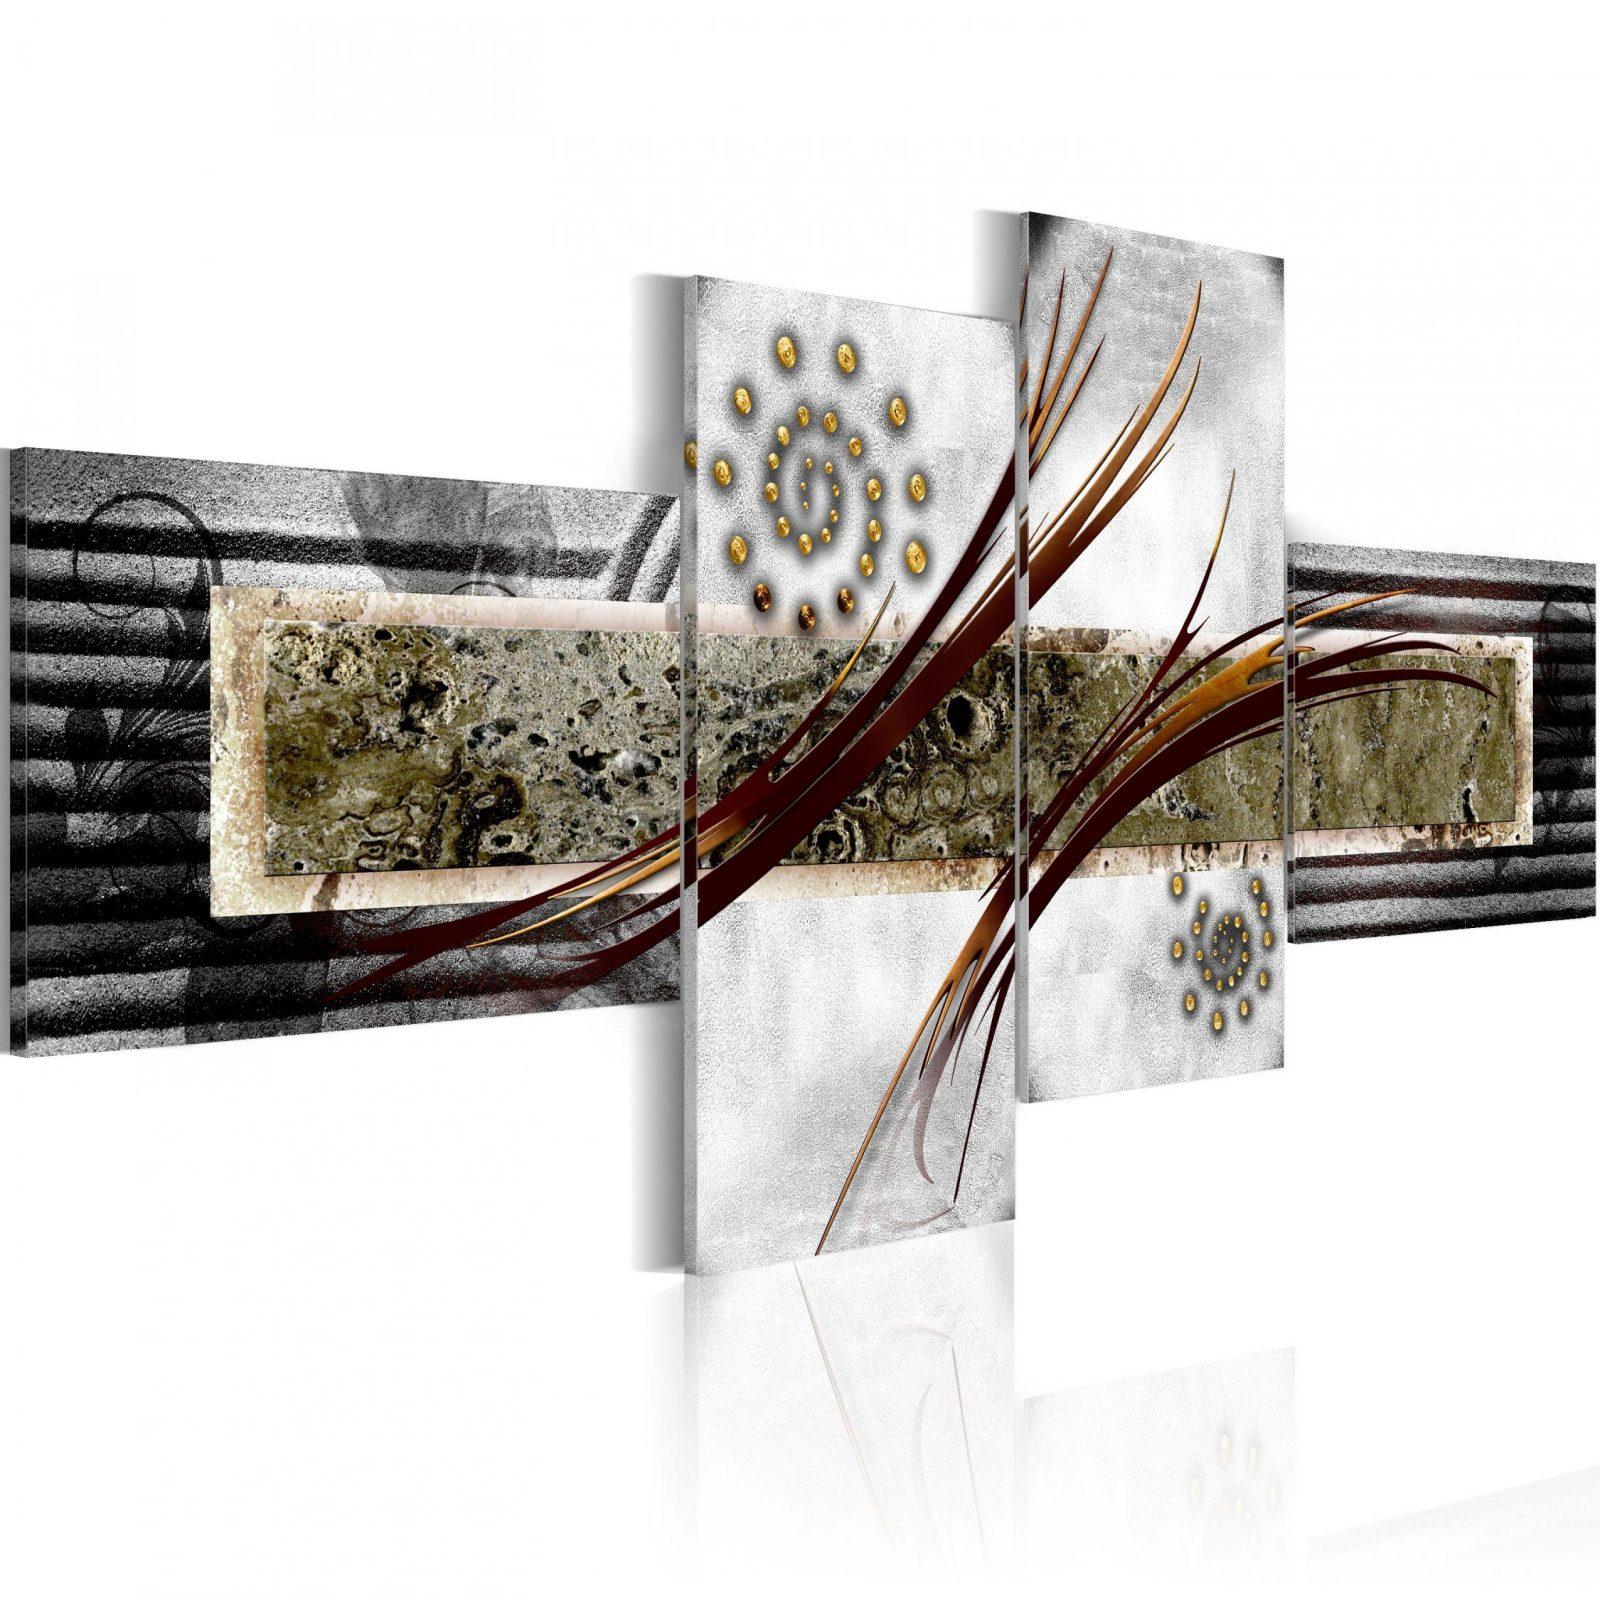 Bild Leinwand Modern Wandbilder Moderne Accessoirs Leinwandbild Foto von Handgemalte Bilder Auf Leinwand Abstrakt Photo